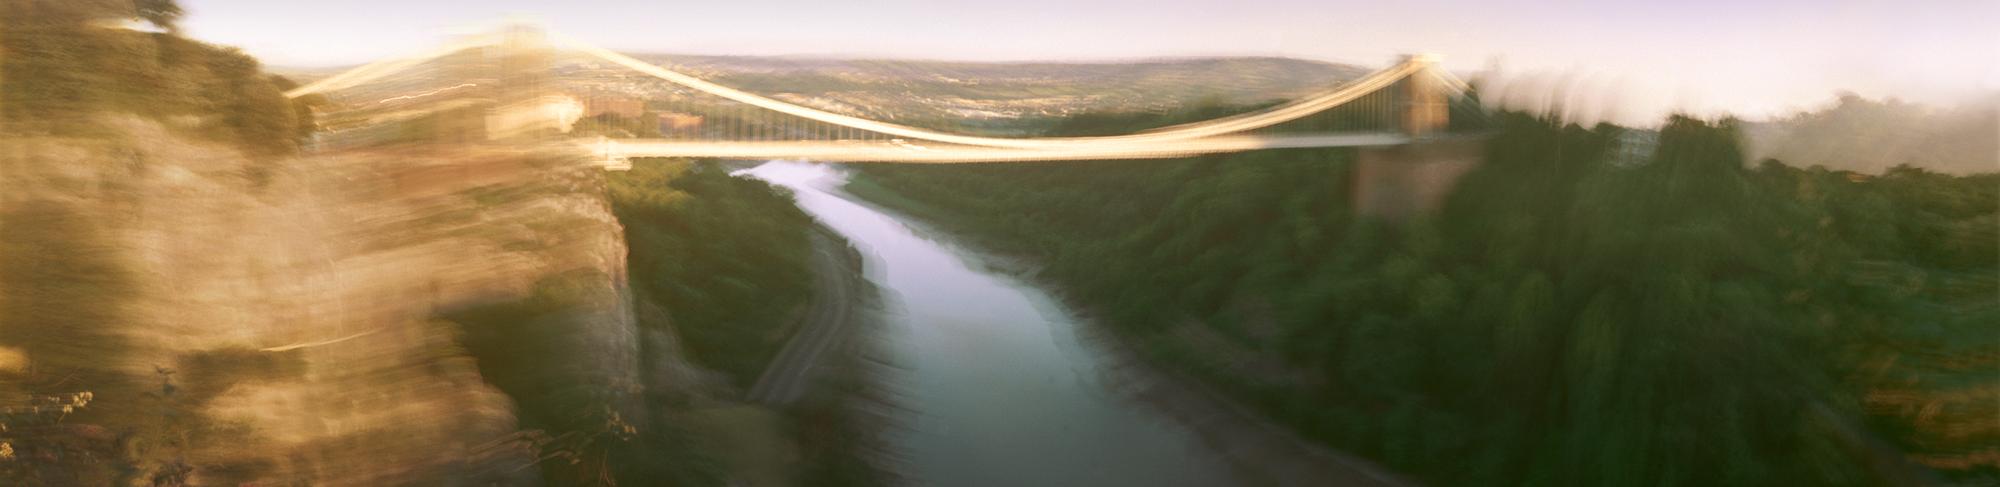 Clifton Suspension Bridge, 2004